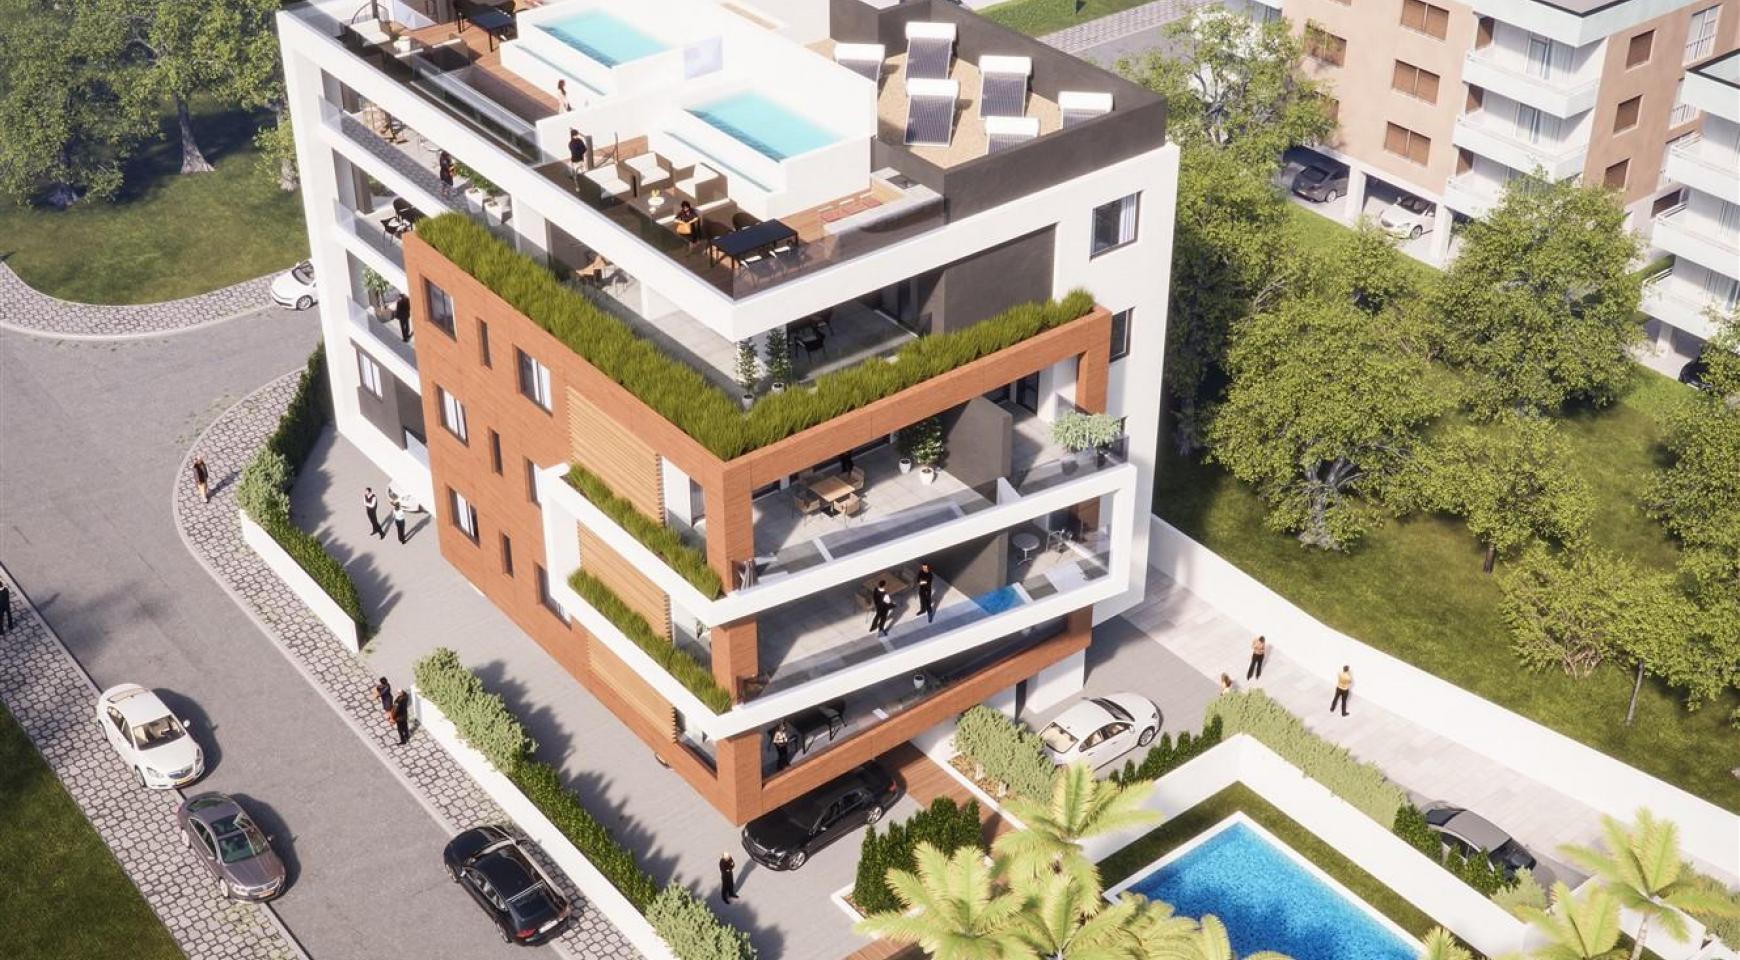 Malibu Residence. Современная  Односпальная Квартира 102 в Туристической Зоне - 6